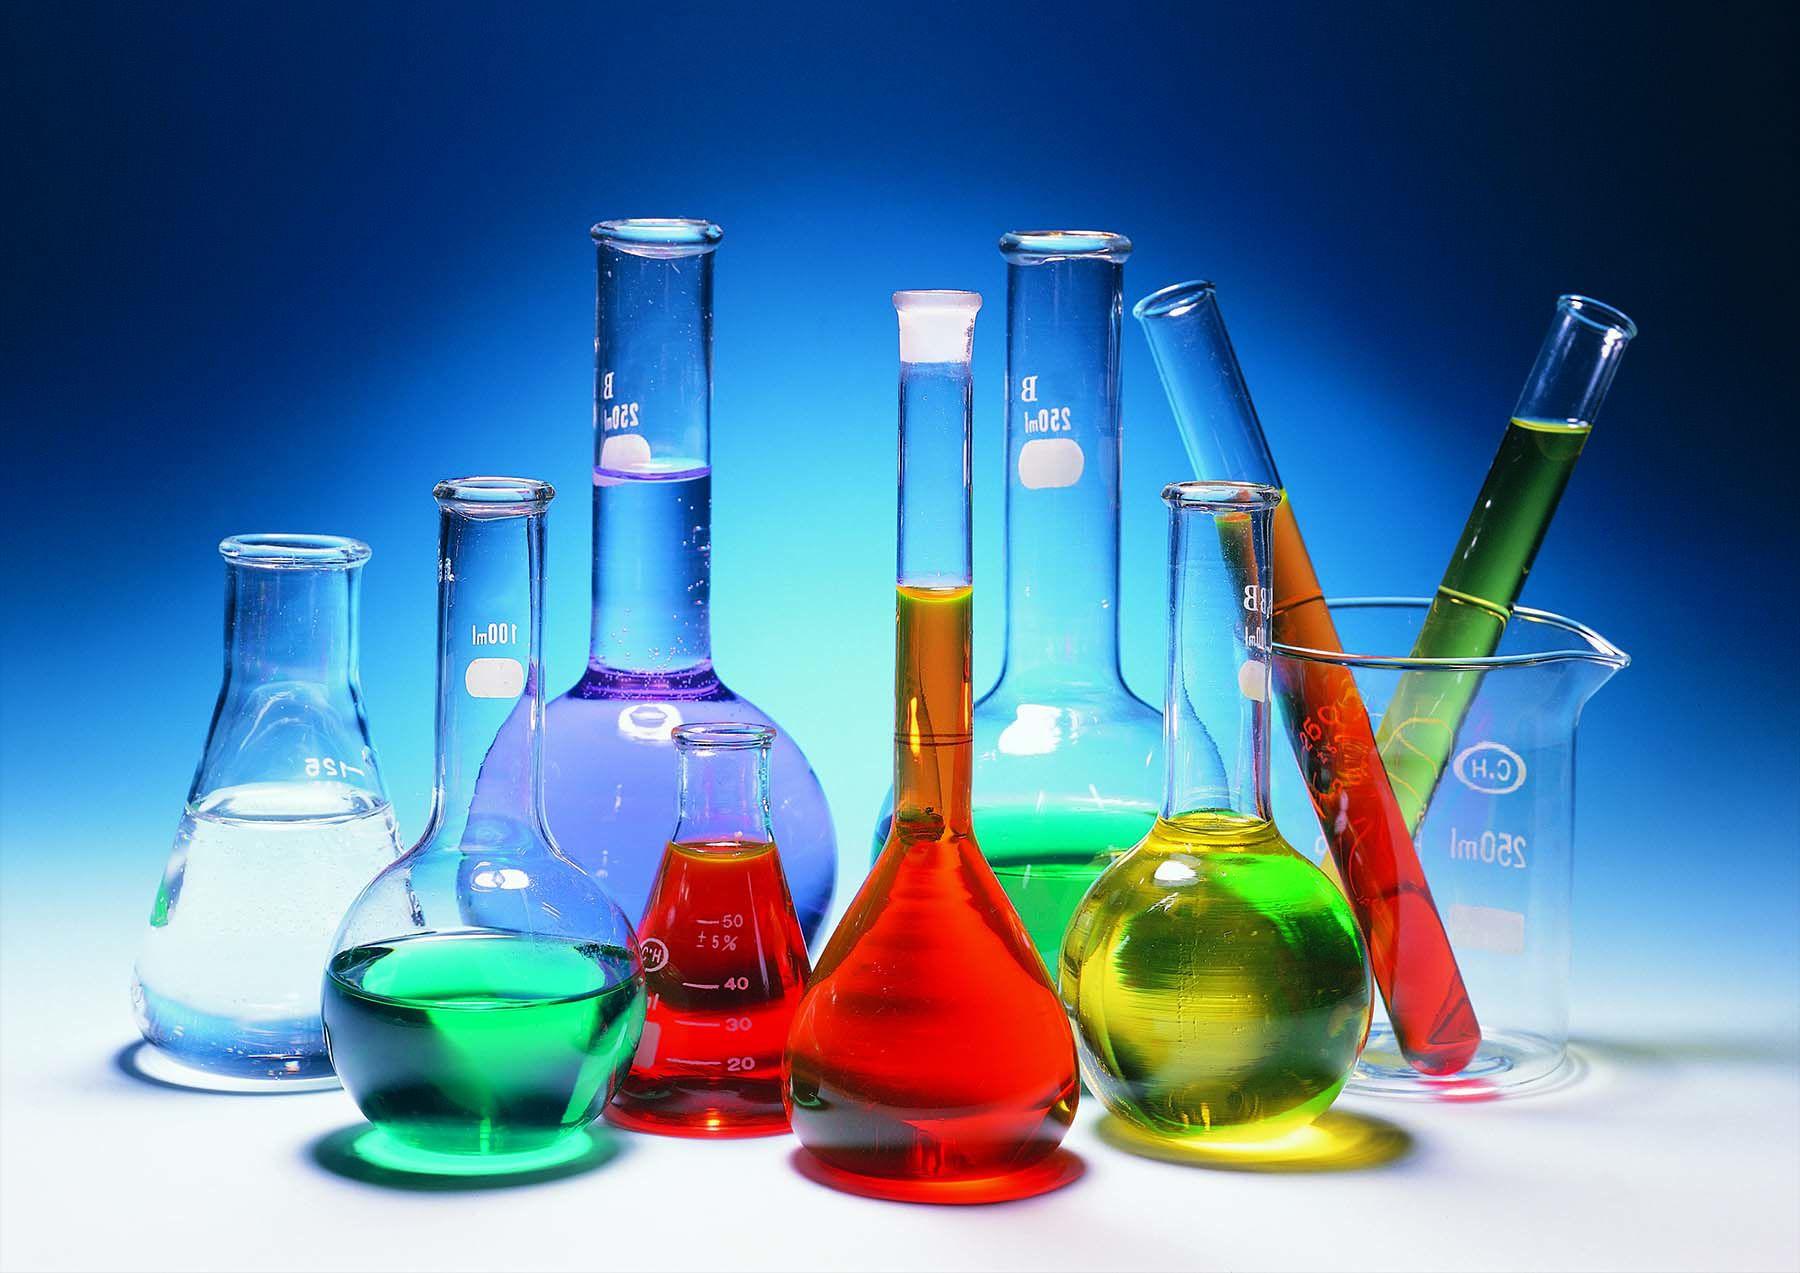 سومین نمایشگاه بین المللی مواد،تجهیزات و صنایع شیمیایی و آزمایشگاهی